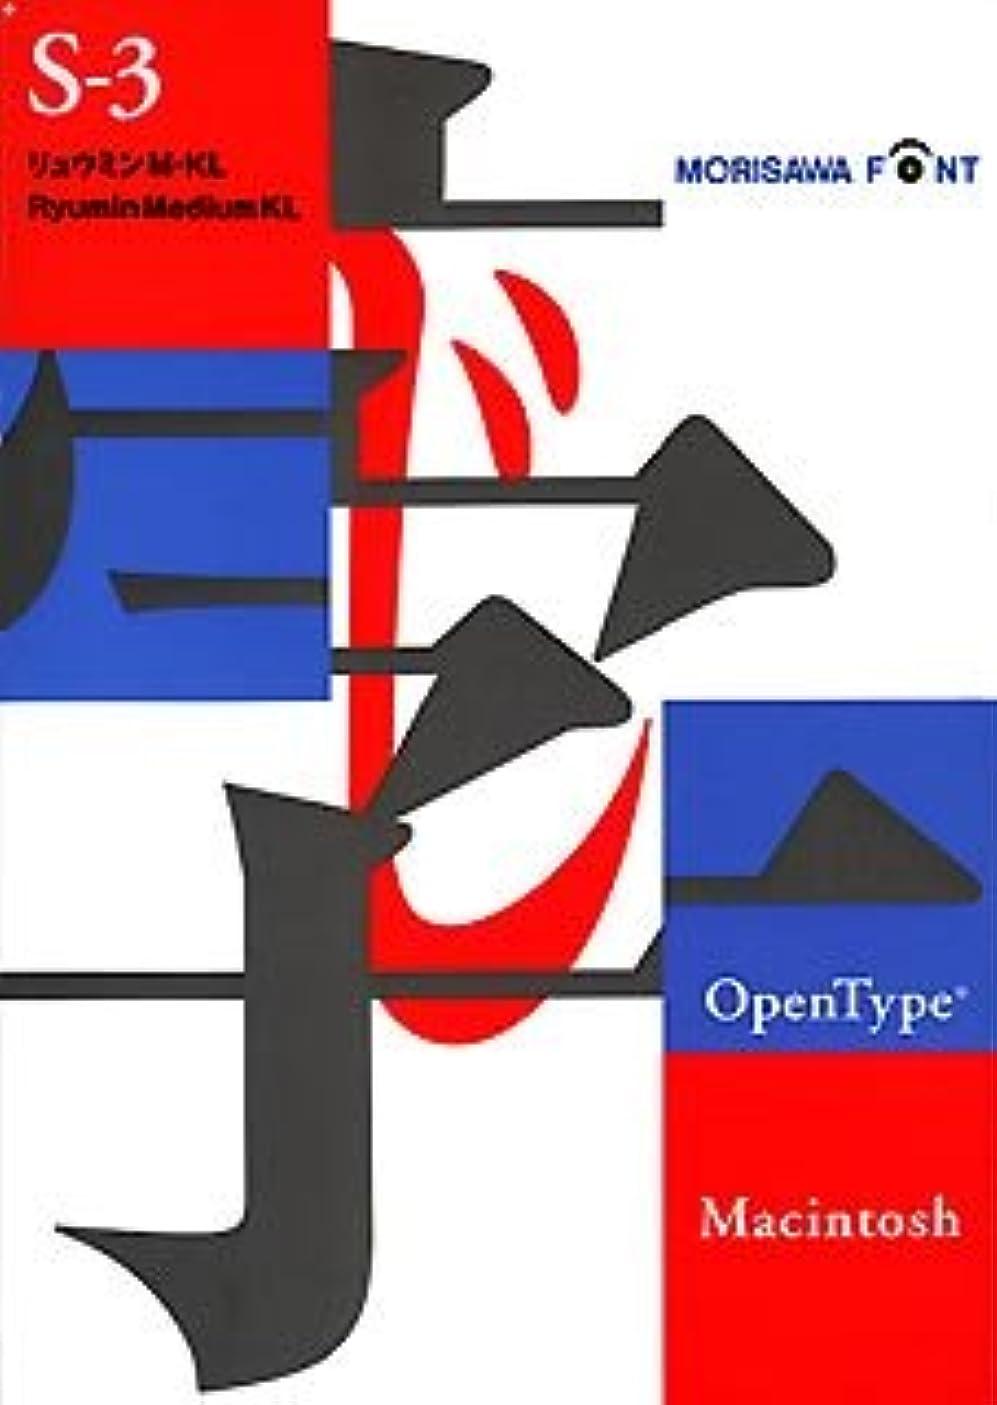 フォアタイプ気まぐれな甘くするOpenType リュウミン M-KL for Macintosh